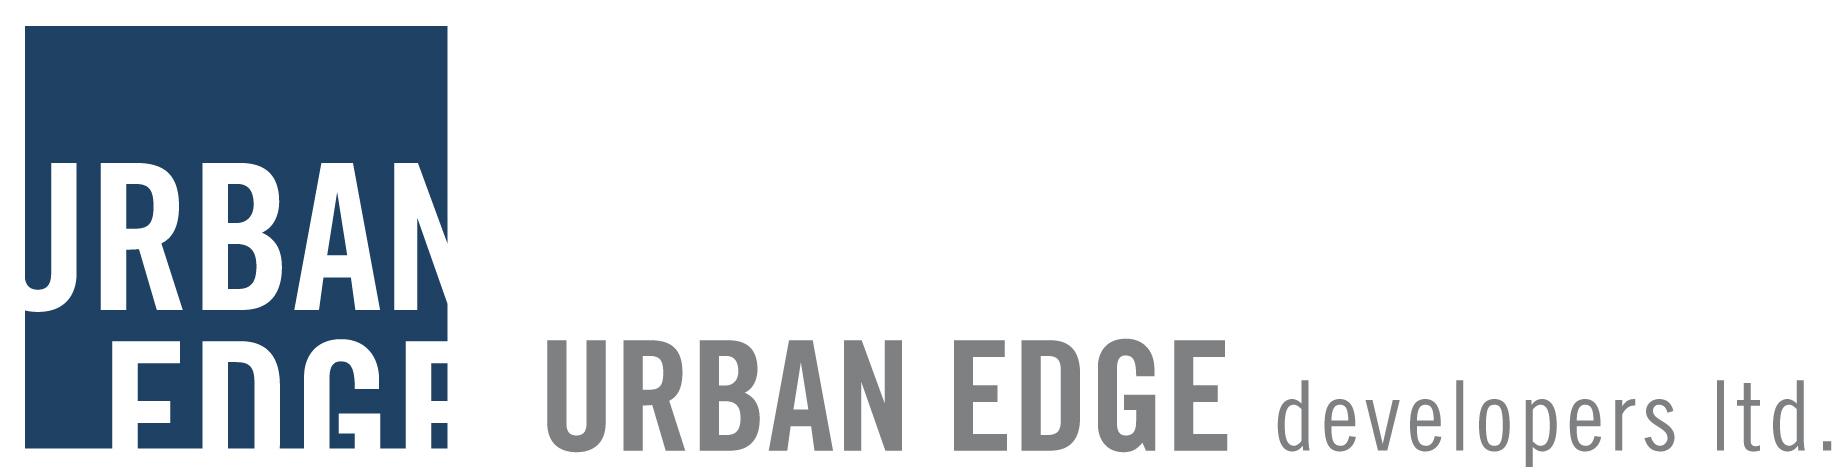 SFRT - Urban Edge Developers logo